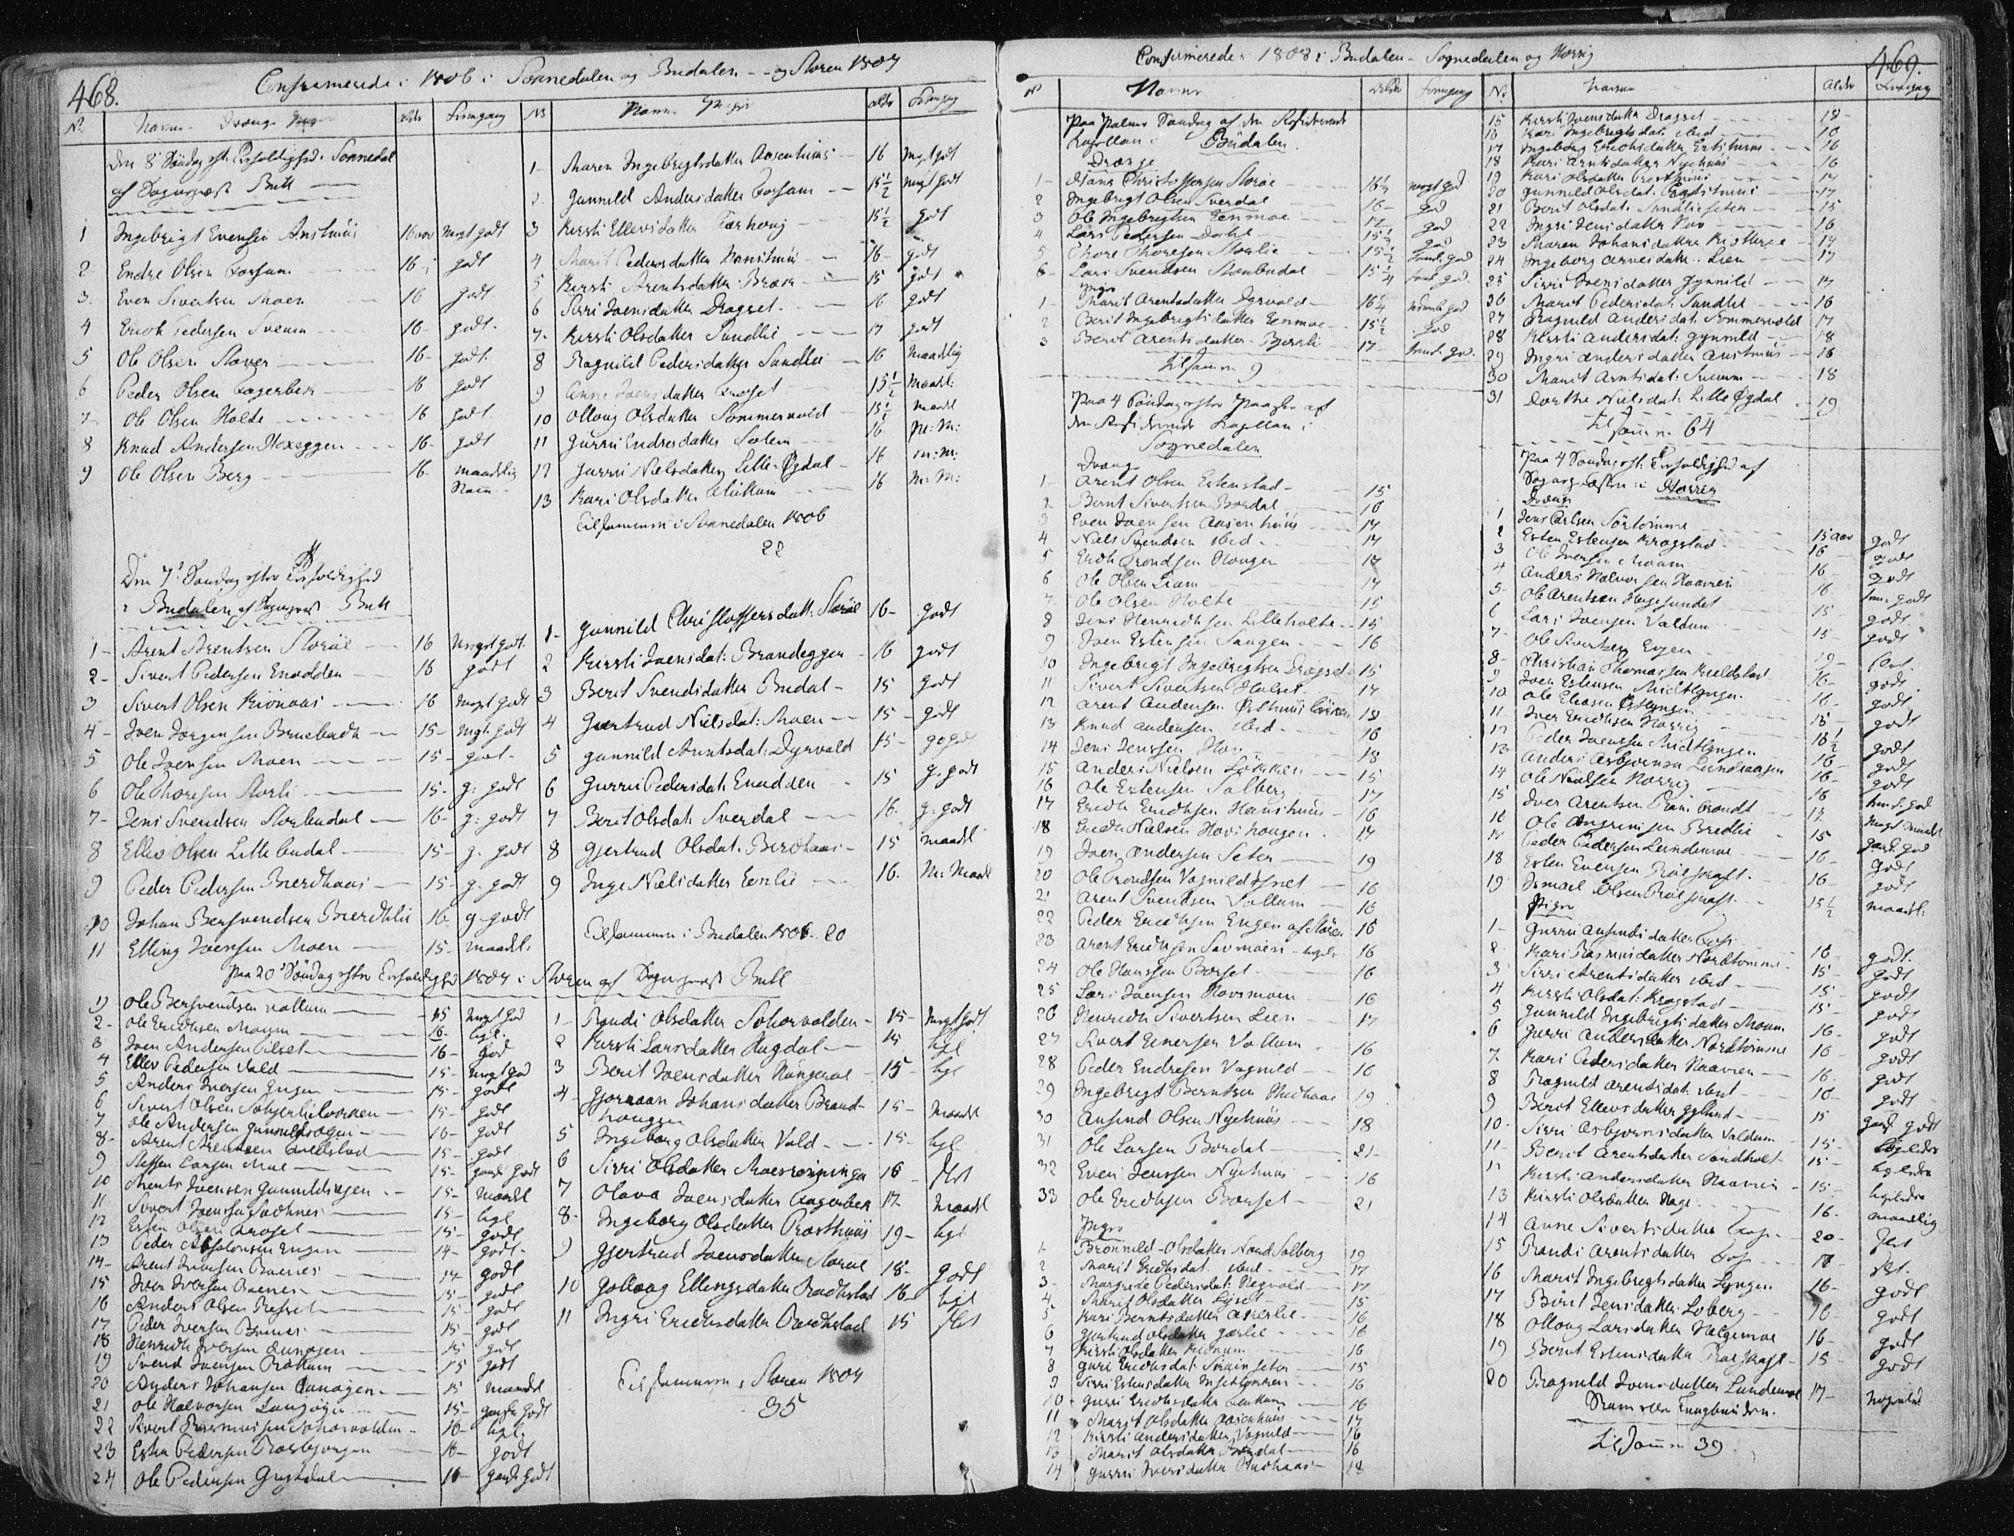 SAT, Ministerialprotokoller, klokkerbøker og fødselsregistre - Sør-Trøndelag, 687/L0992: Ministerialbok nr. 687A03 /1, 1788-1815, s. 468-469